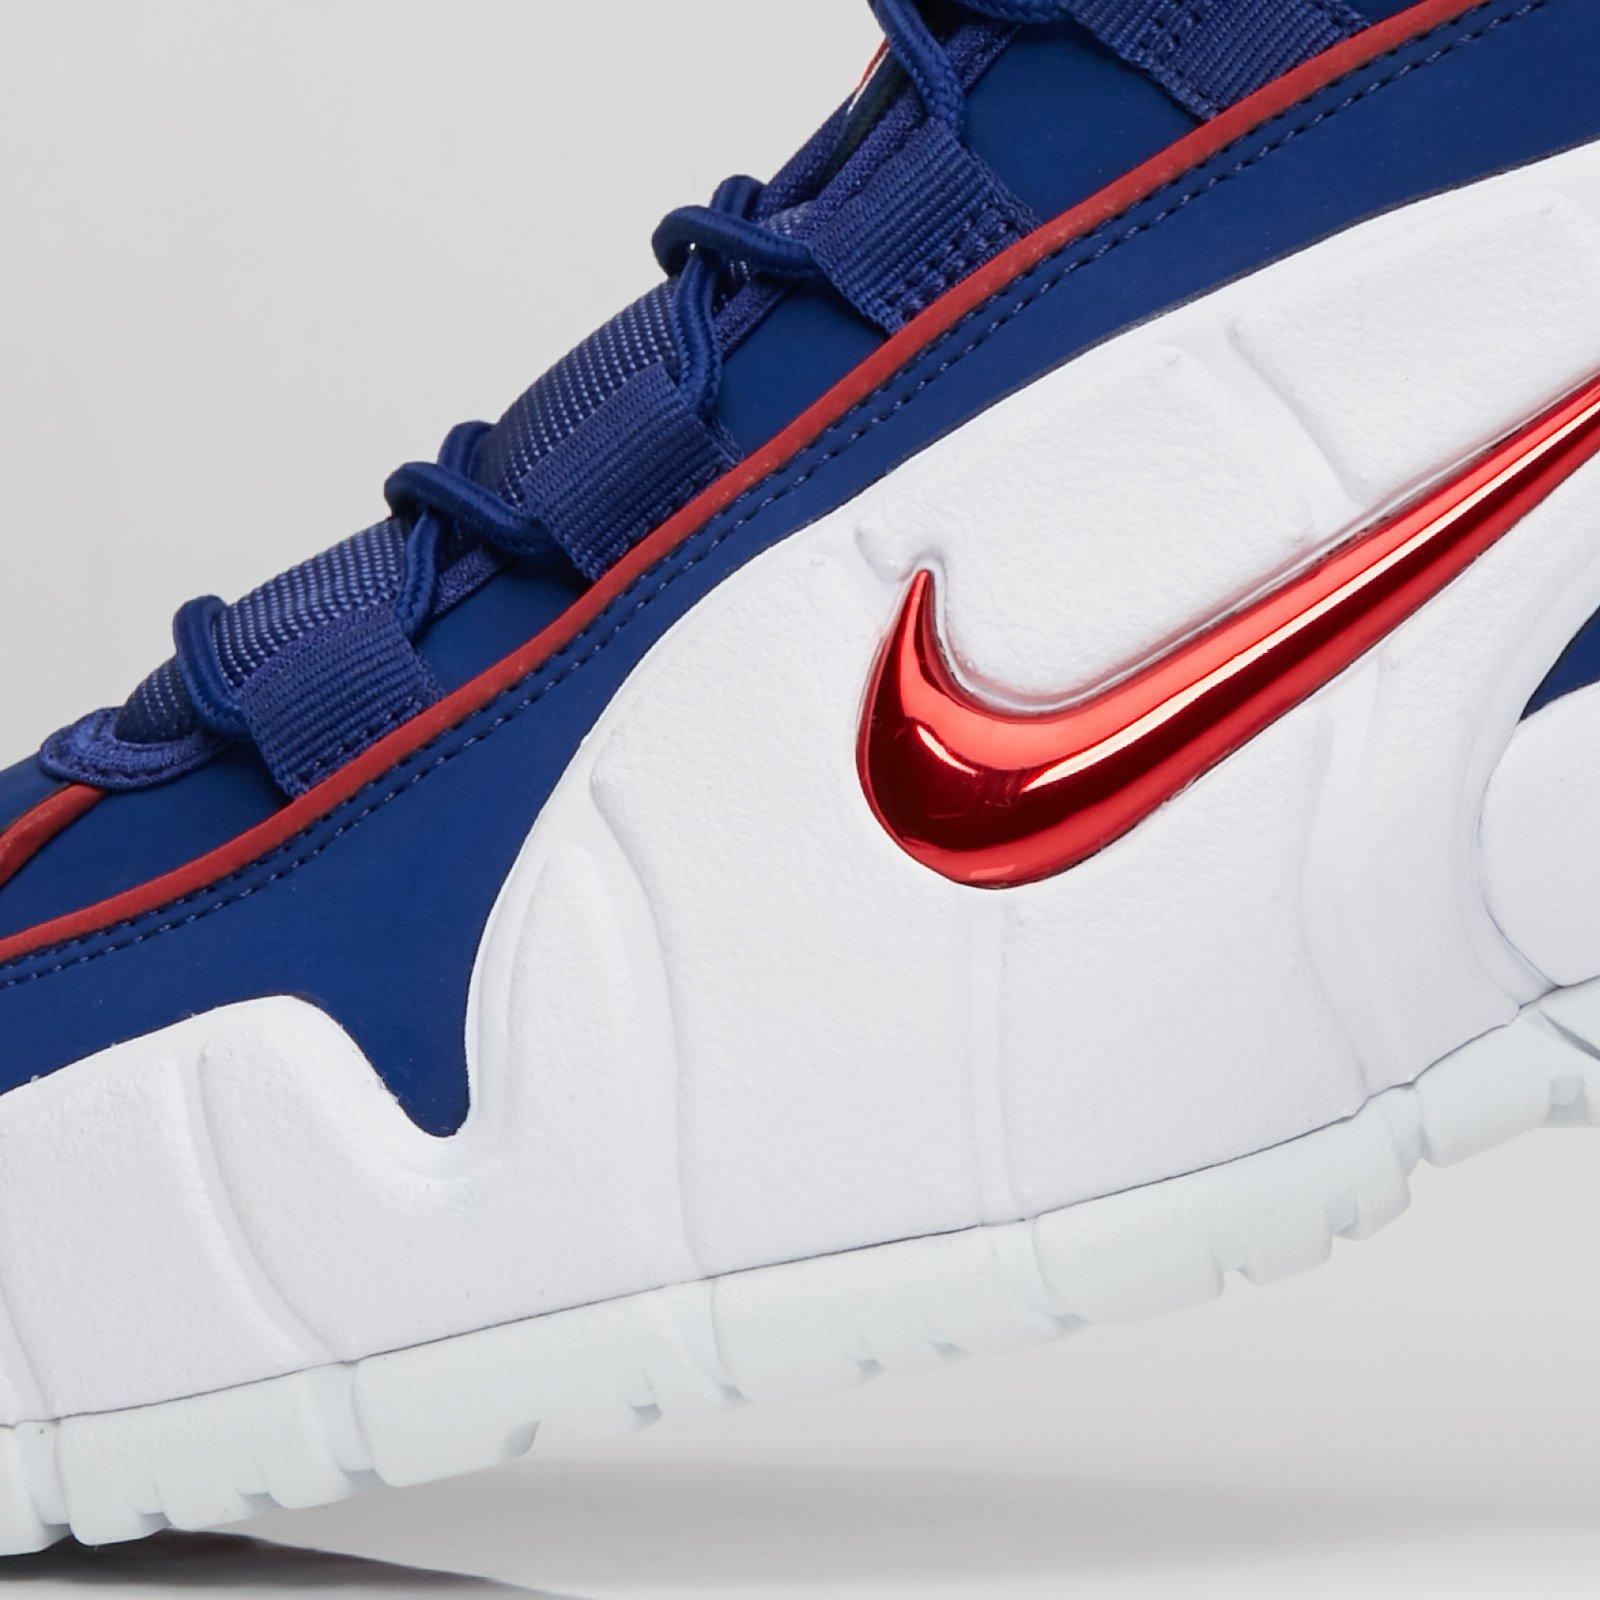 Nike Air Max Penny 685153 400 Sneakersnstuff | sneakers